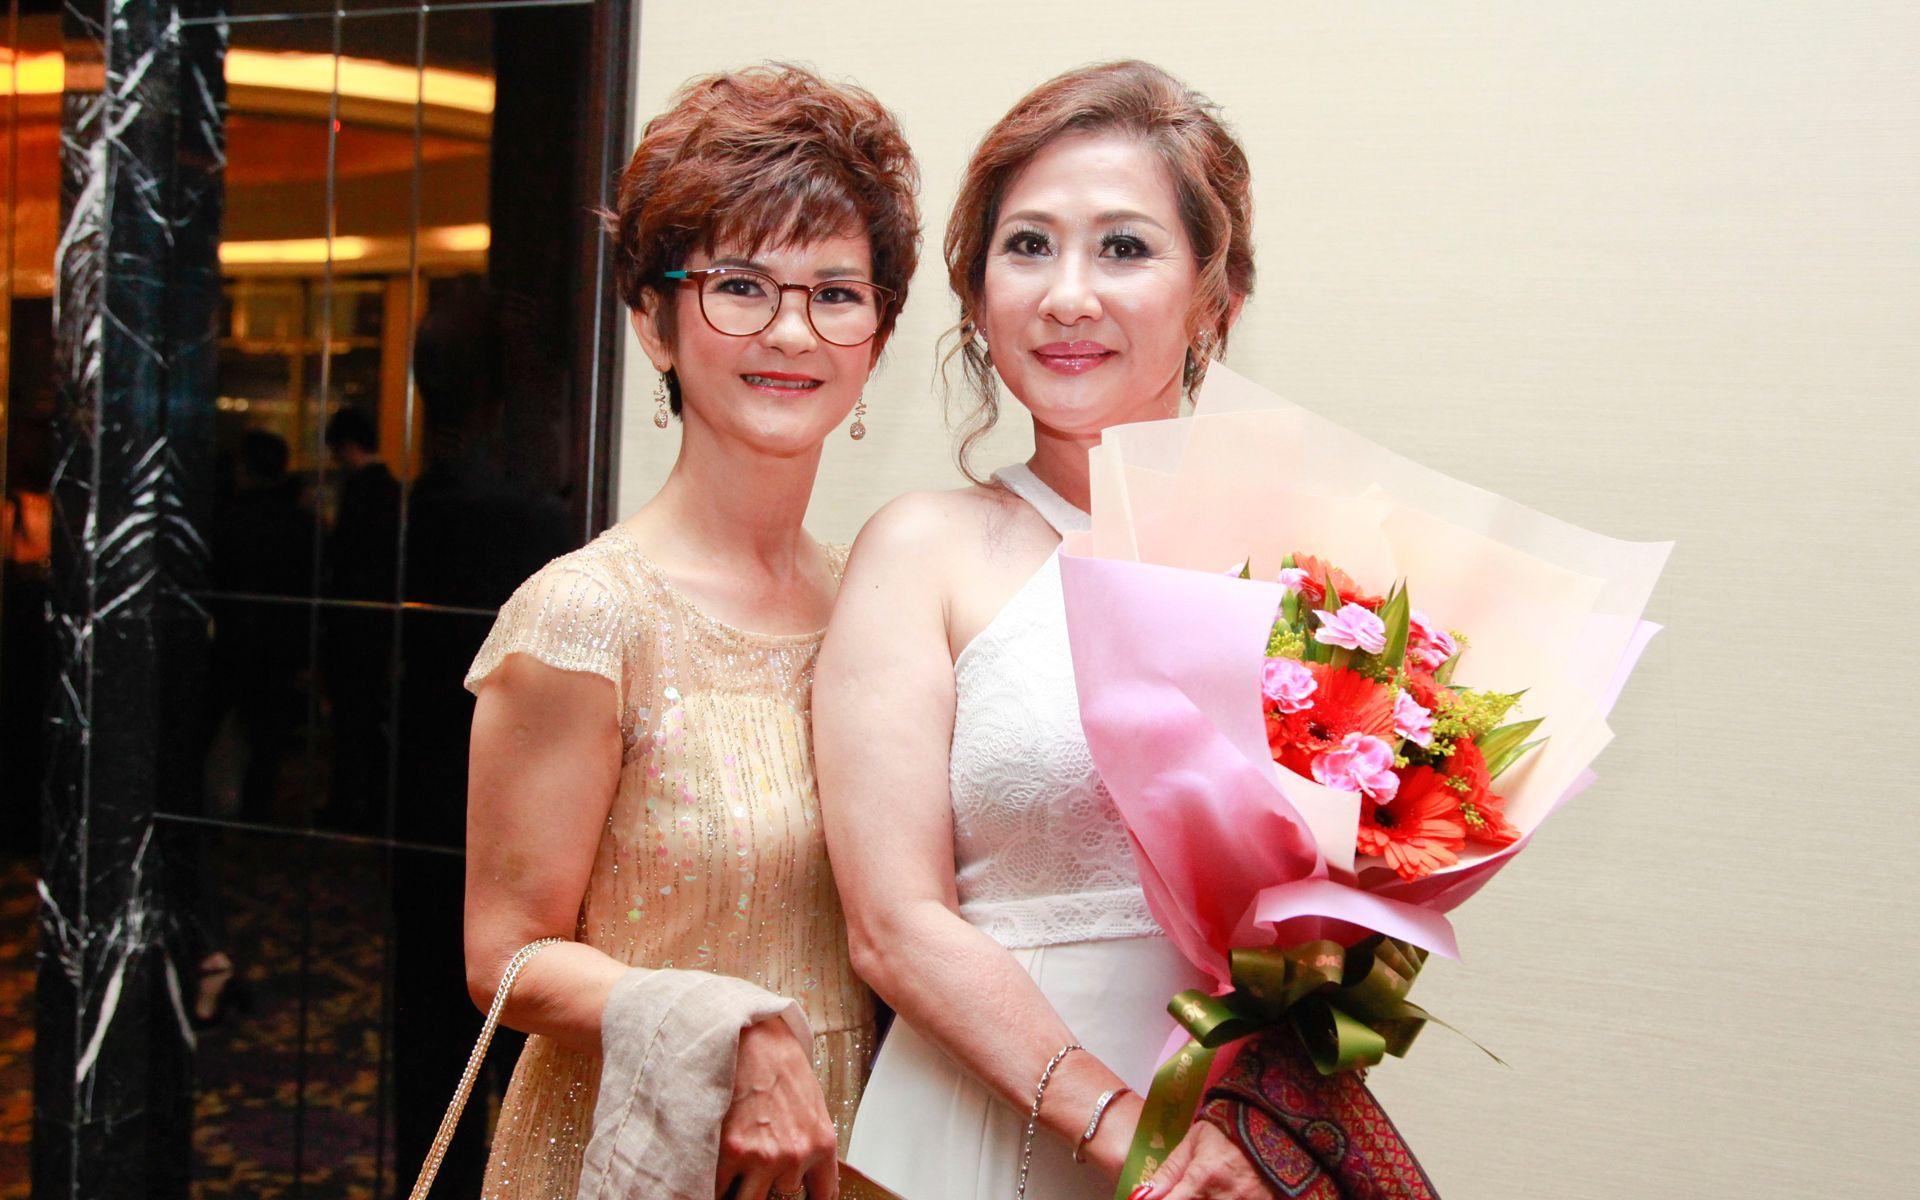 Hean Fong and Susan Ngan